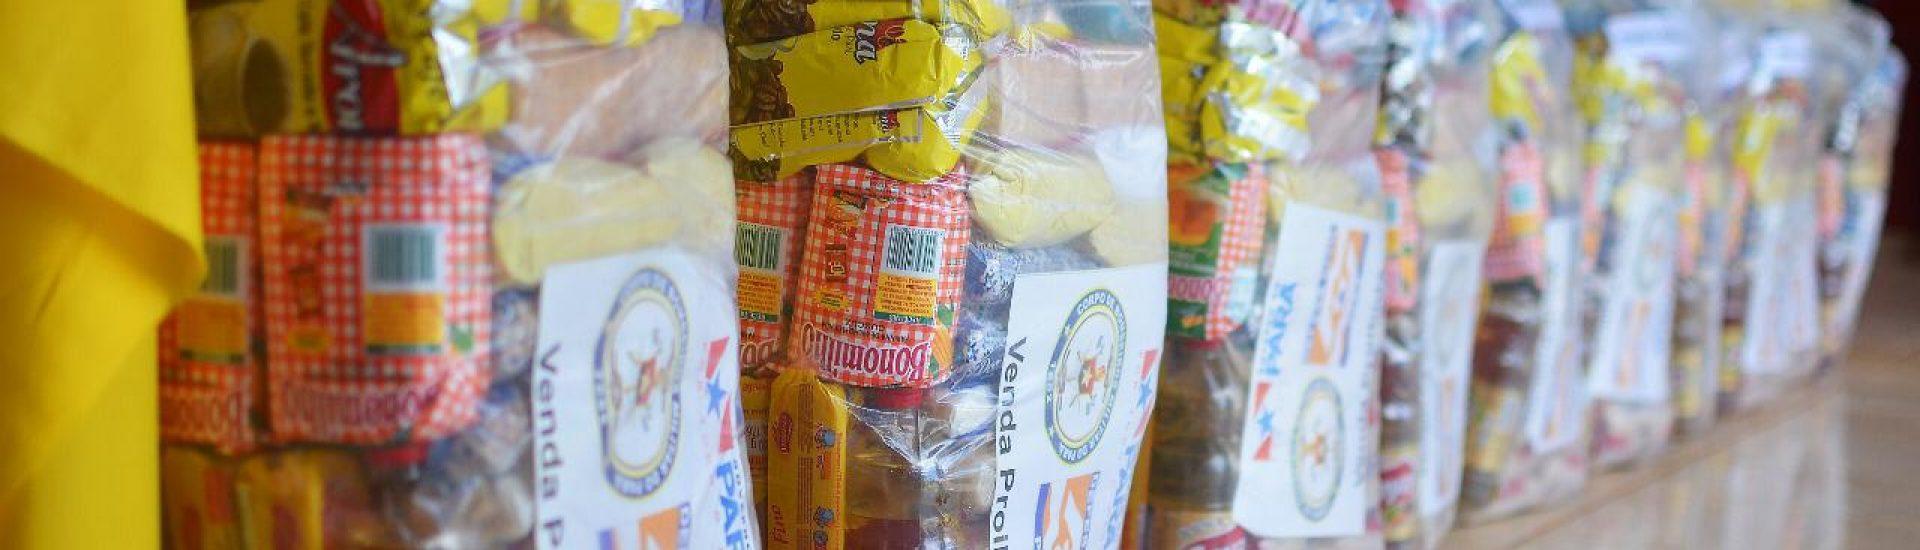 Na tarde desta segunda-feira a equipe da Defesa Civil esteve no município realizando o repasse de 200 cestas básicas